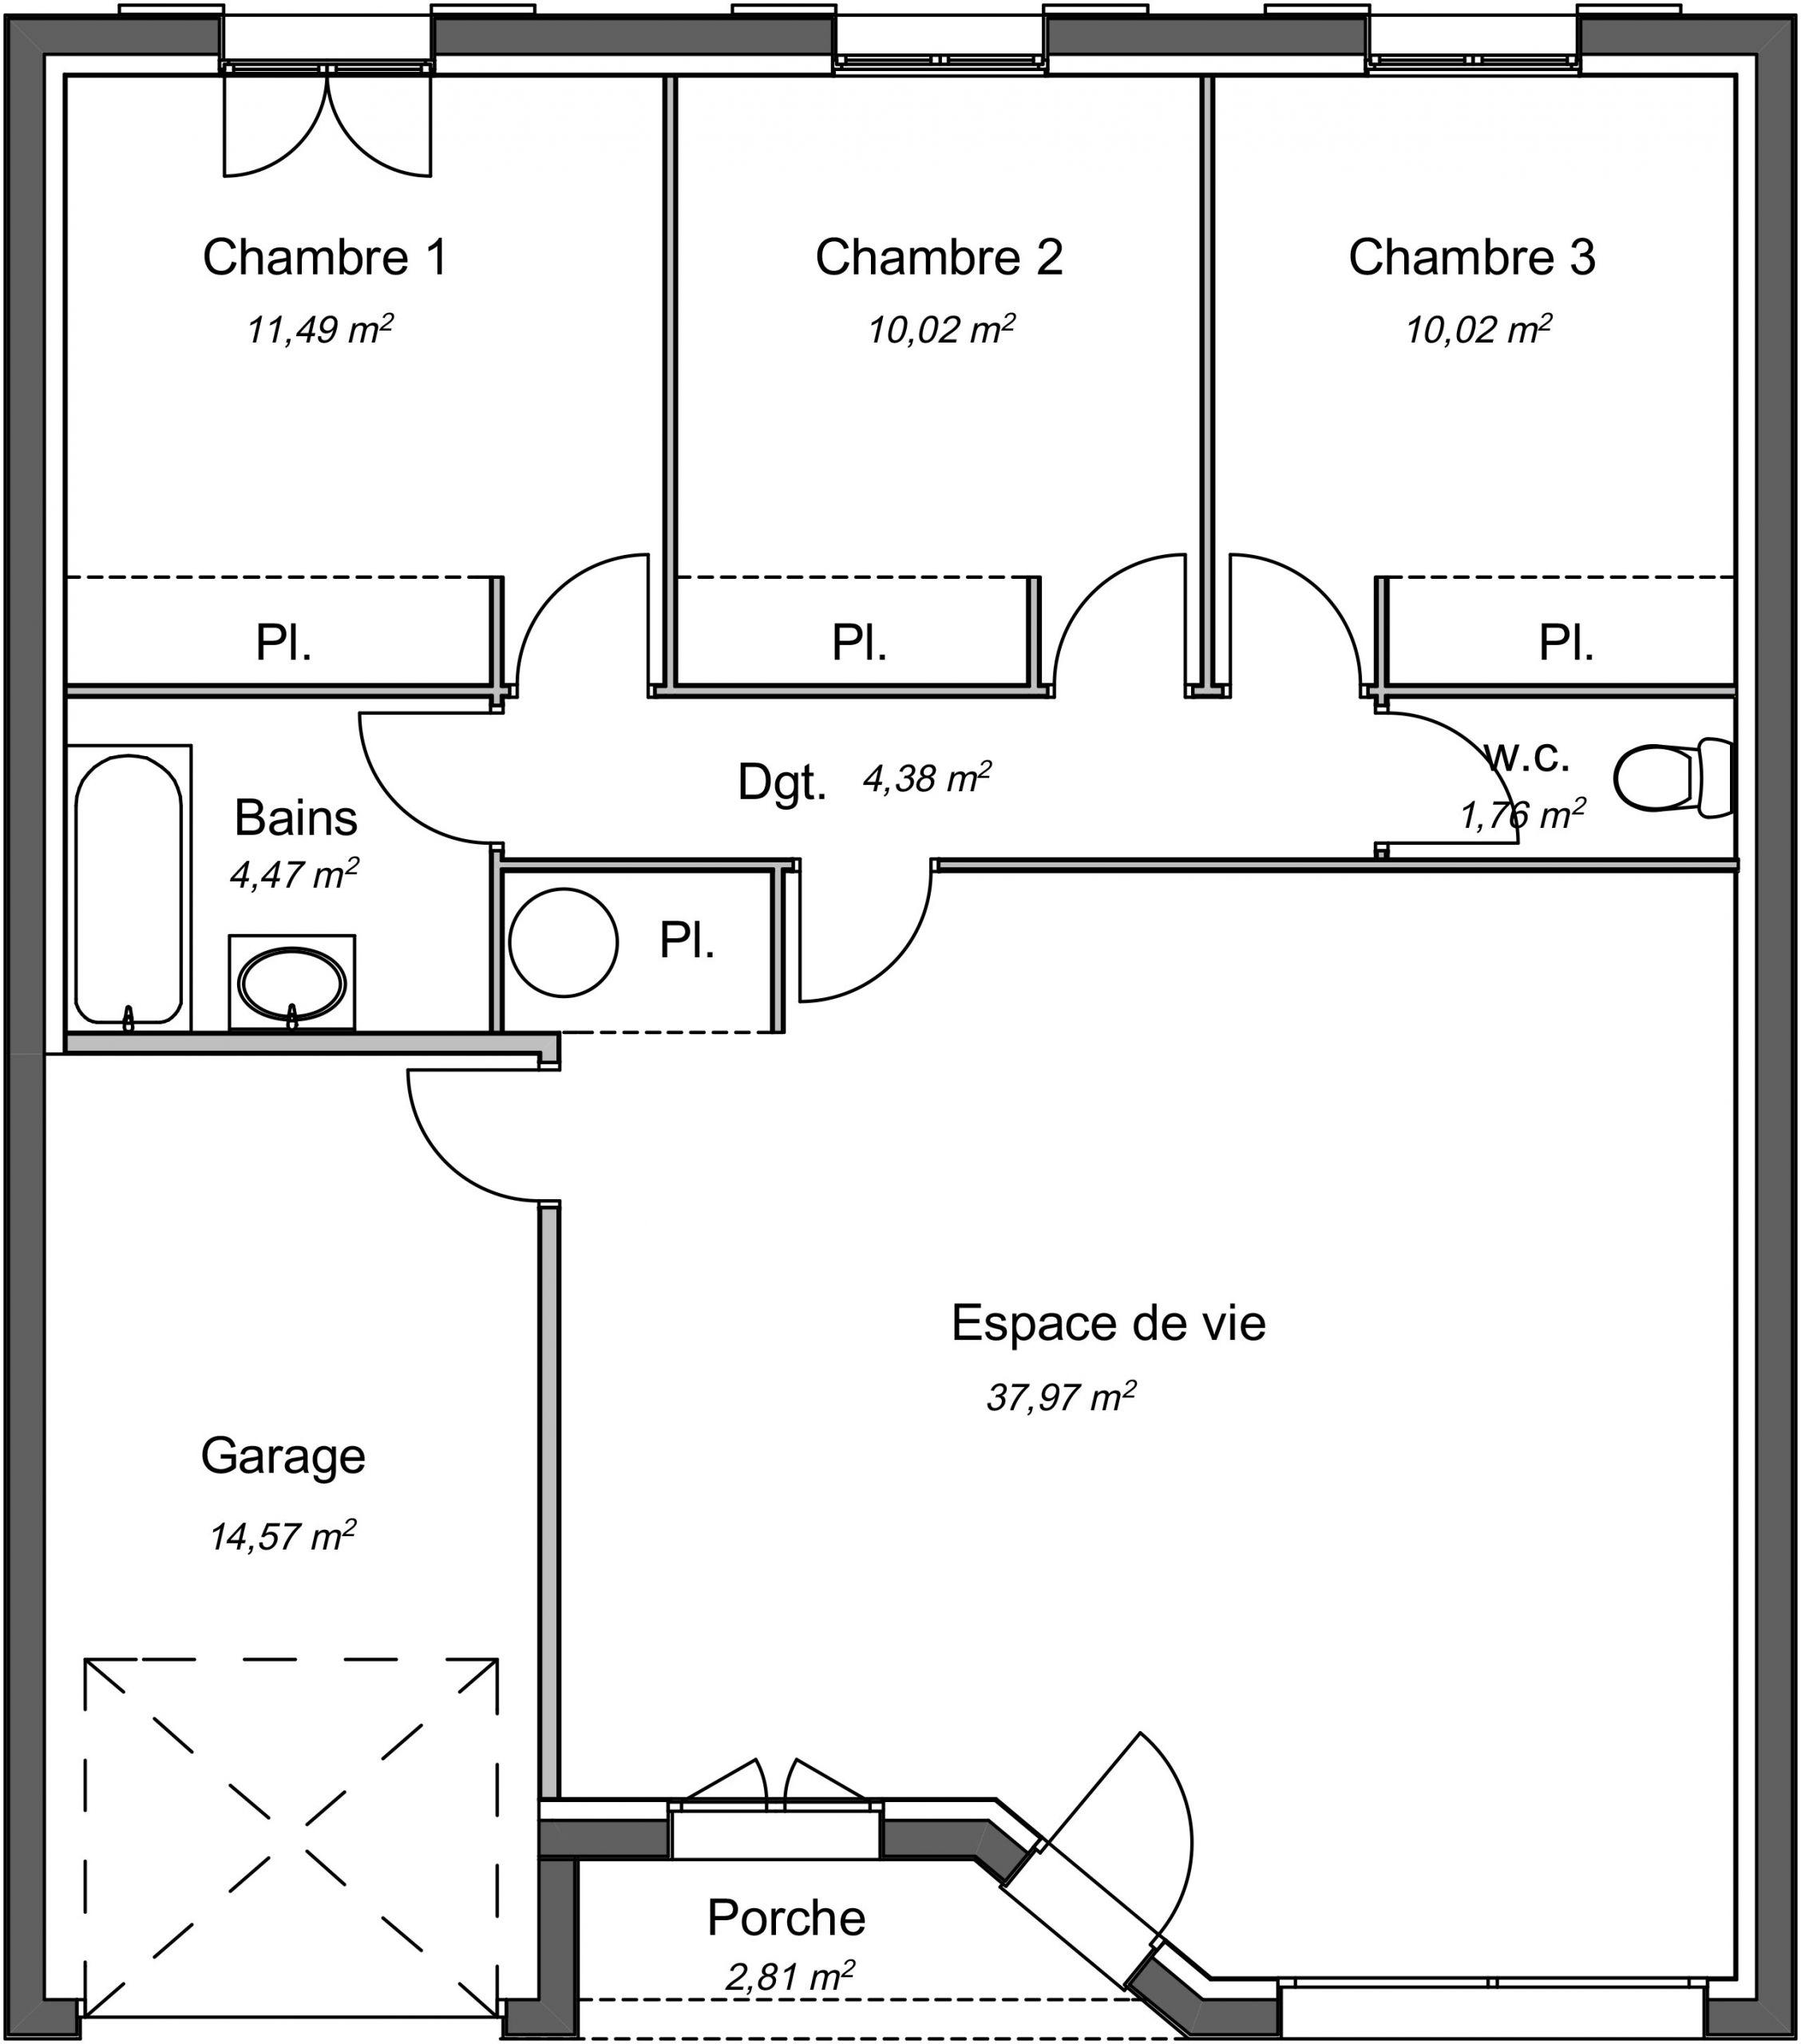 Maison Traditionnelle Plain Pied Philao Avec Plans Demeures D